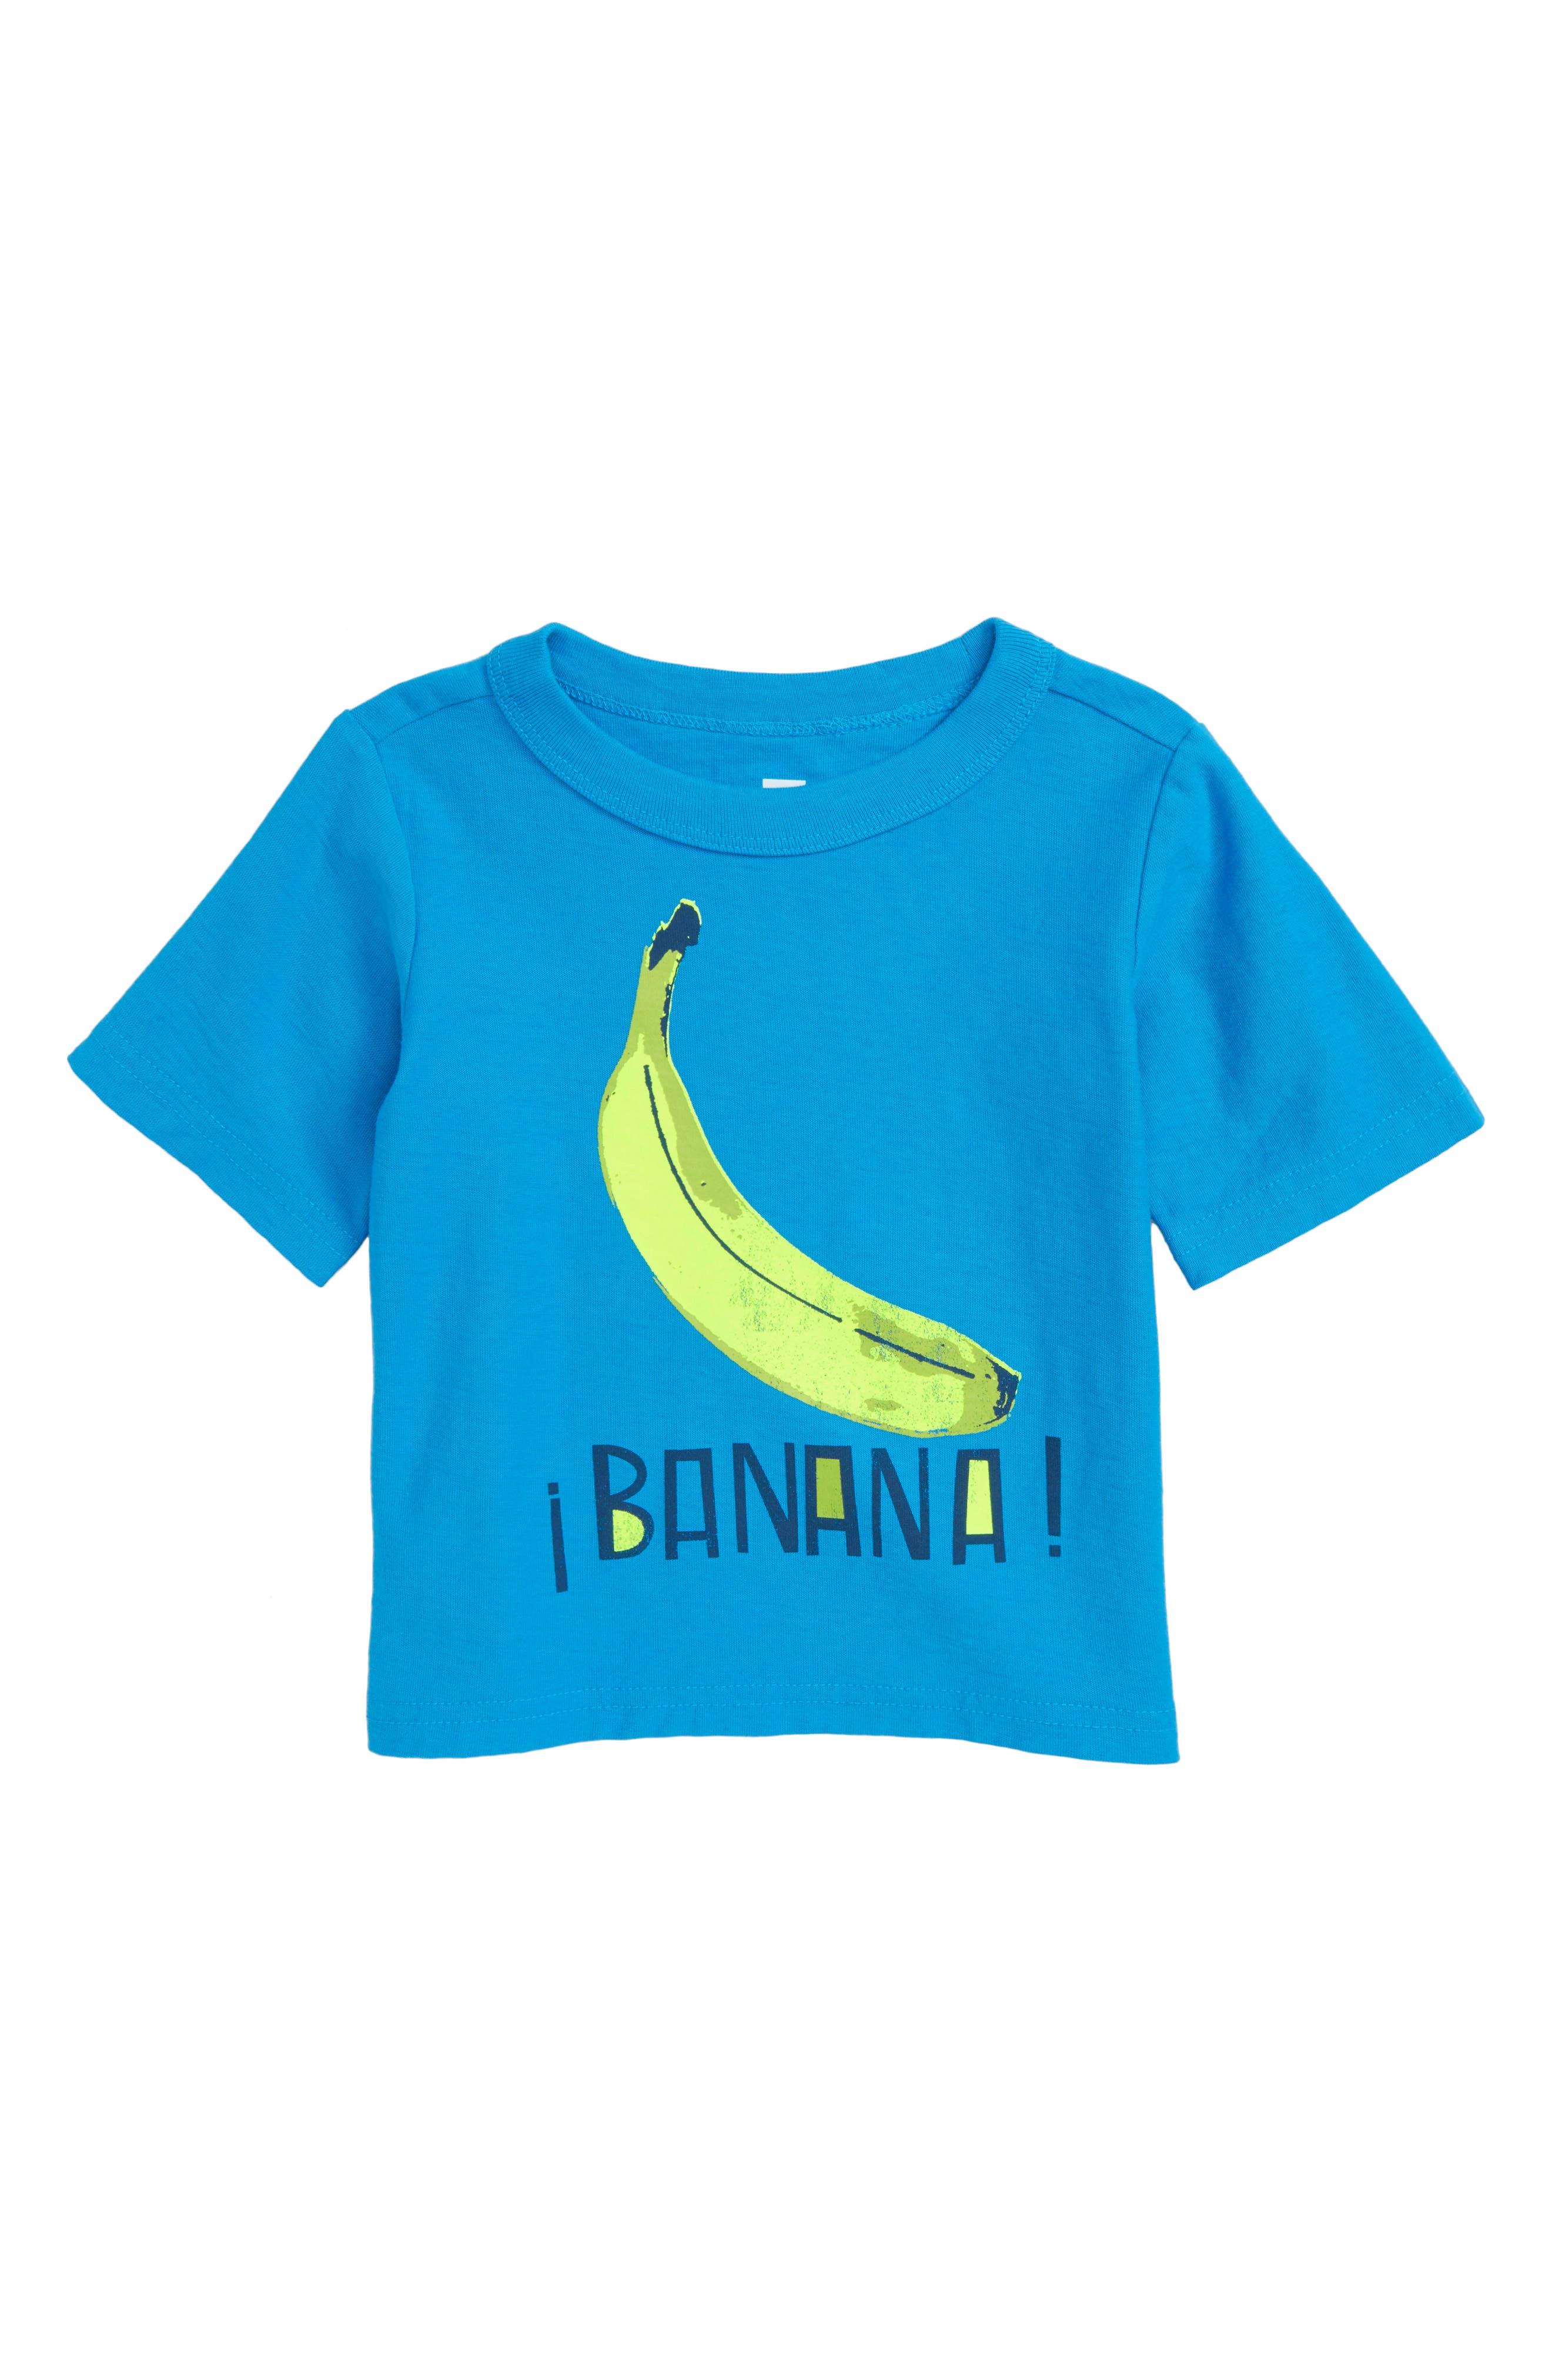 Banana Graphic T-Shirt,                             Main thumbnail 1, color,                             Tropic